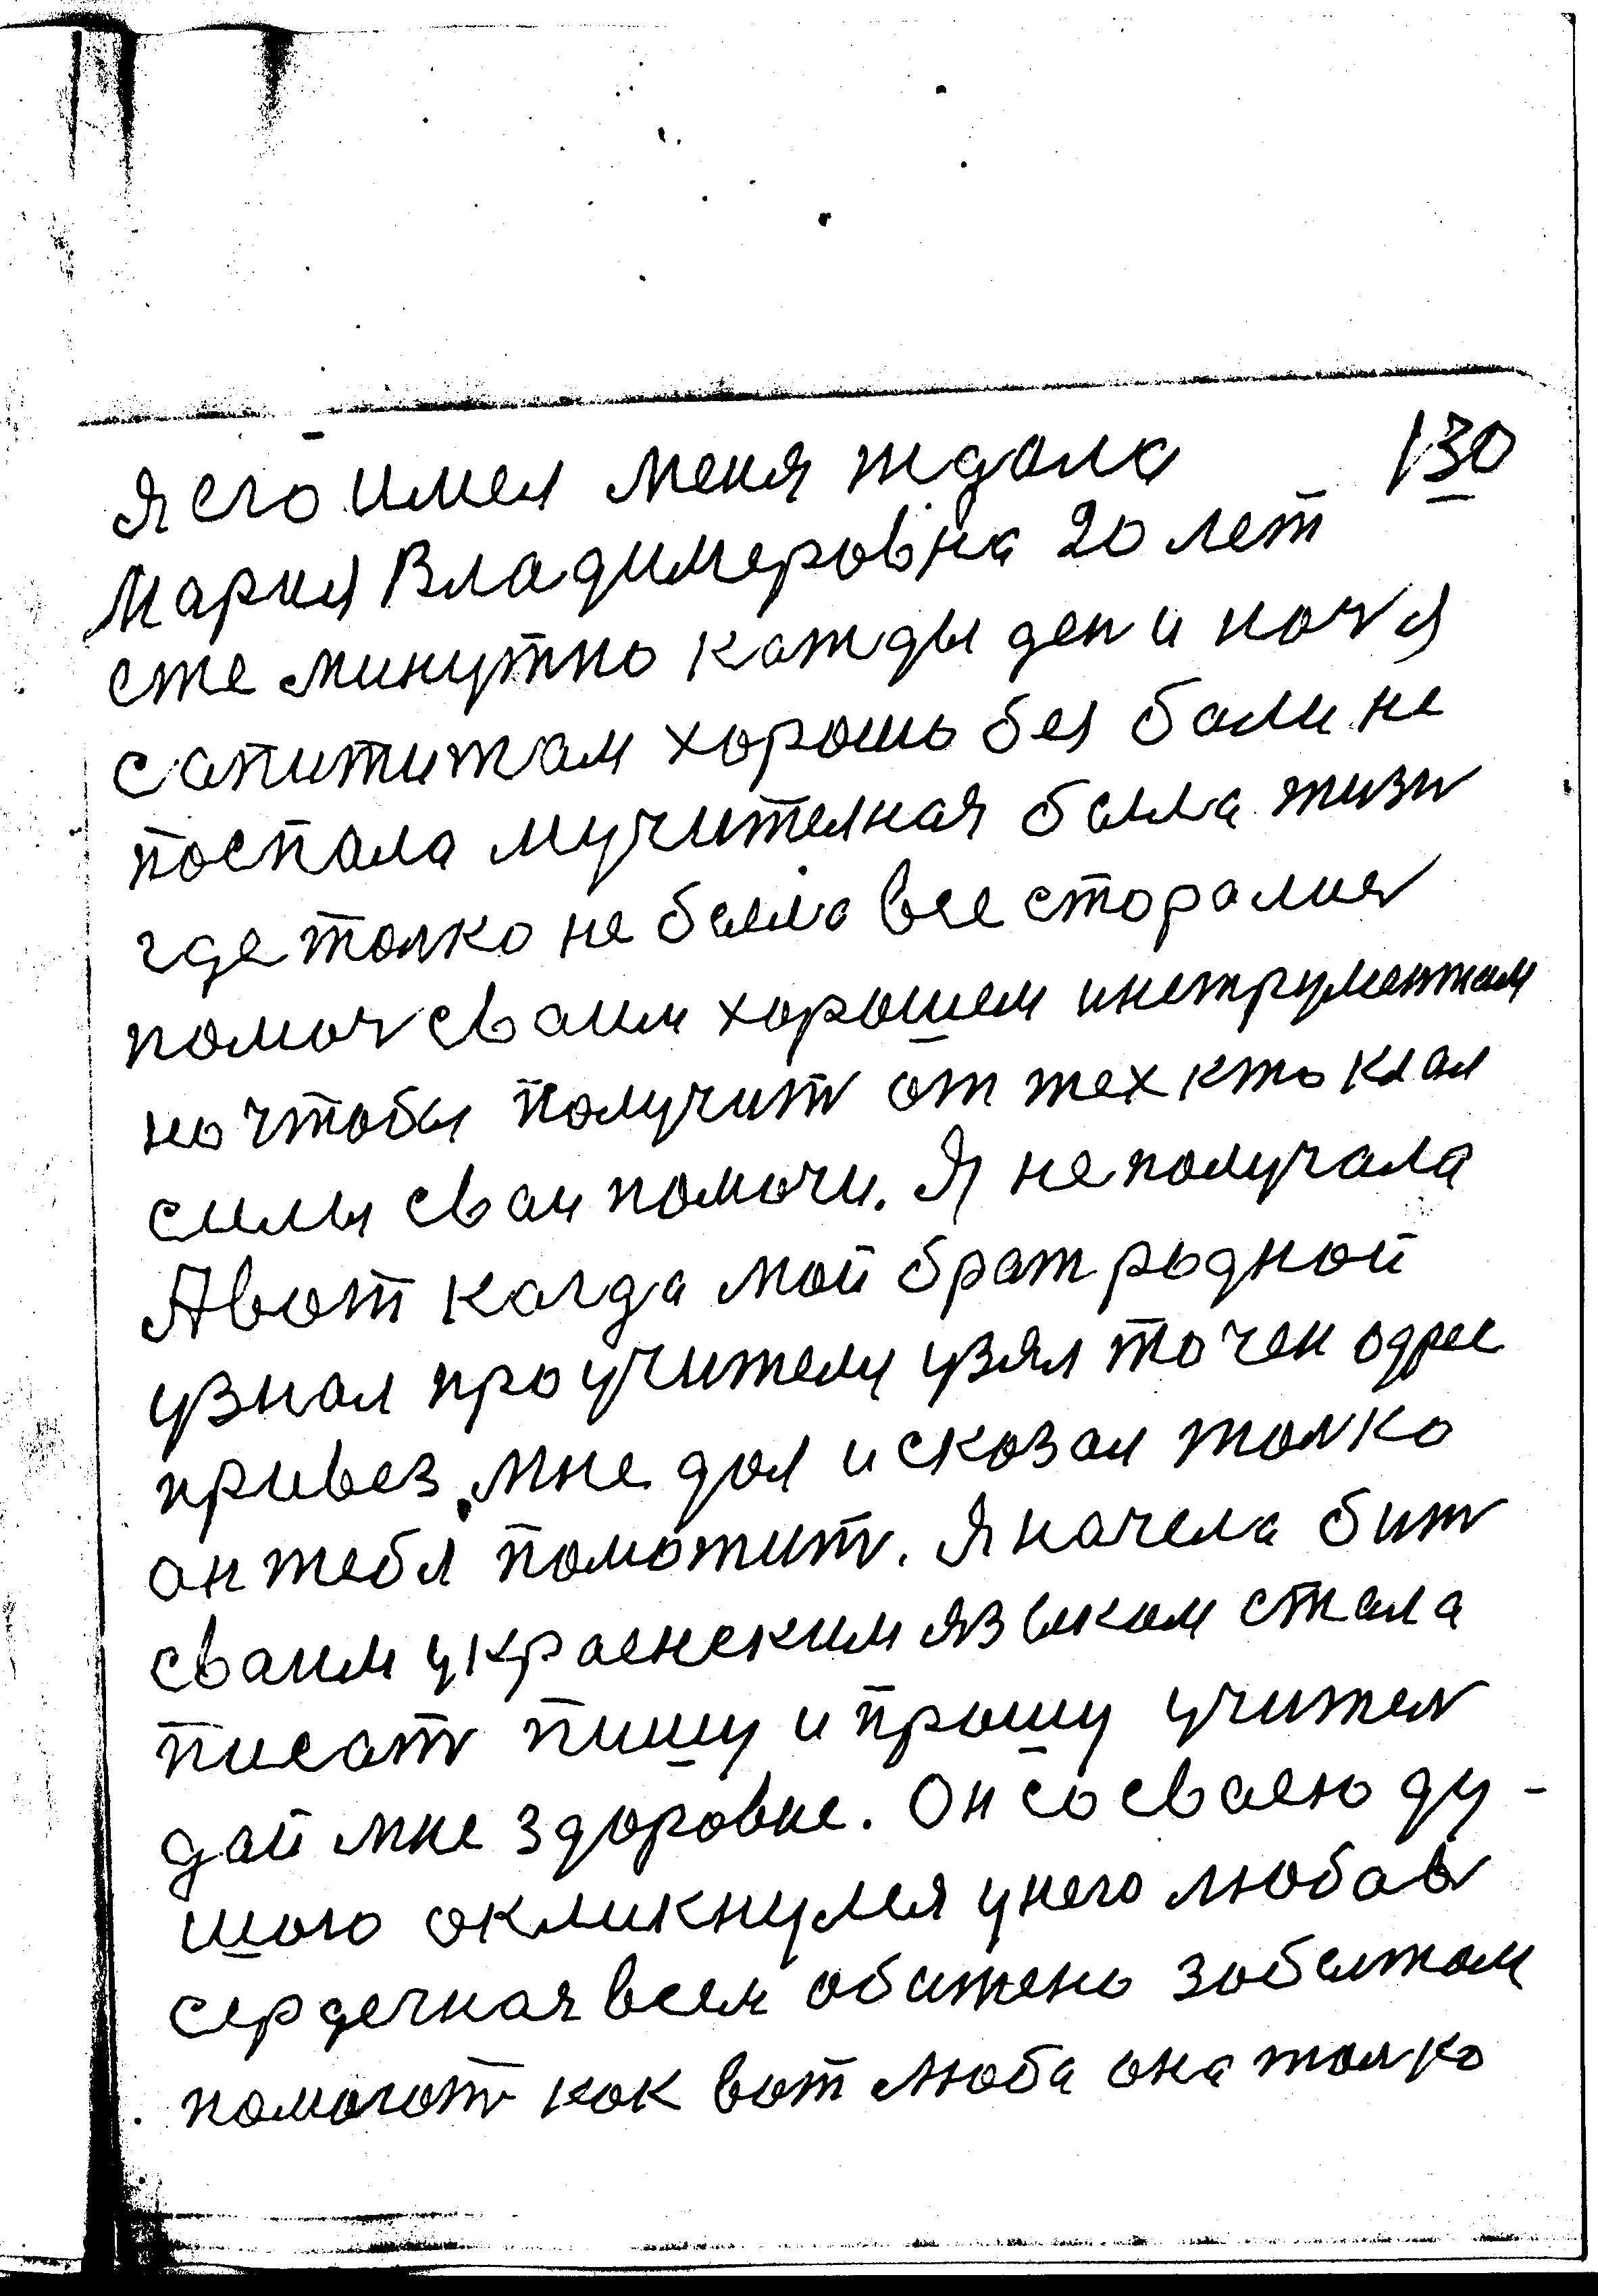 64-130.jpg